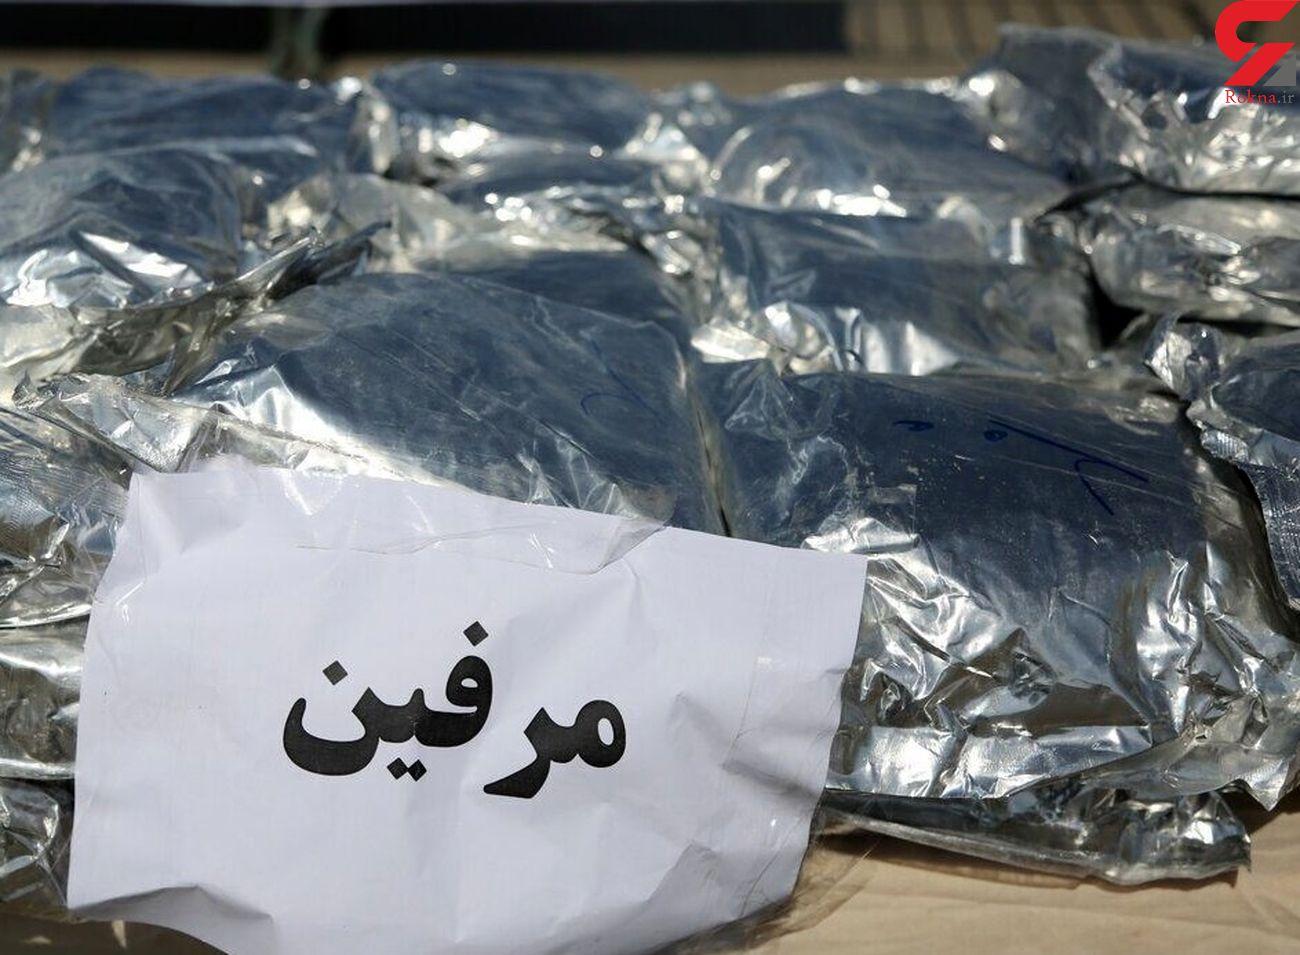 اسکورت محموله ای عجیب در شیراز / توقیف فوری 2 خودروی مشکوک